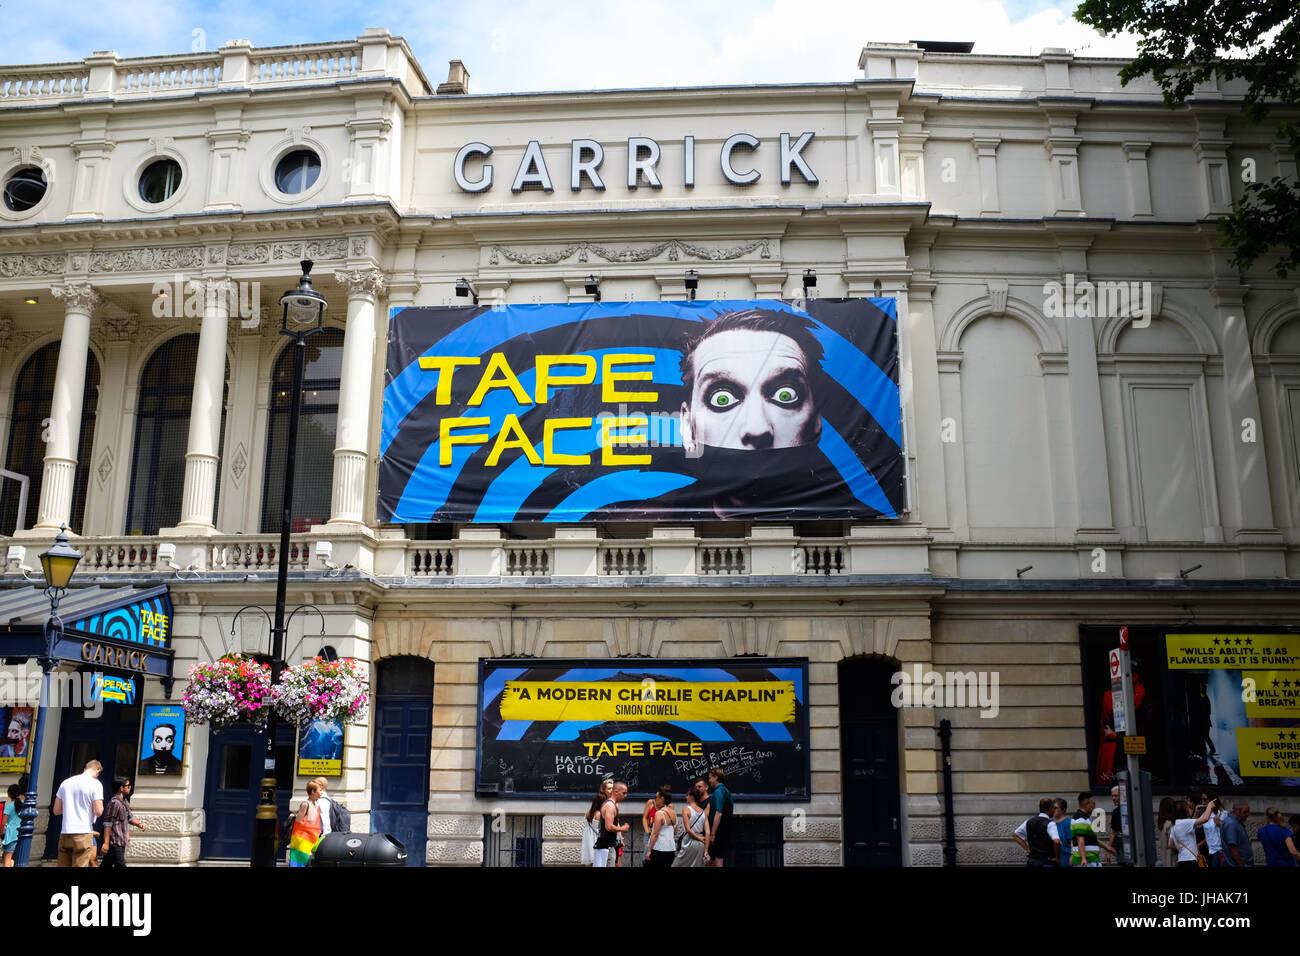 Gesicht zeigen im Londoner Garrick Theatre im Sommer 2017 mit Klebeband. Stockbild